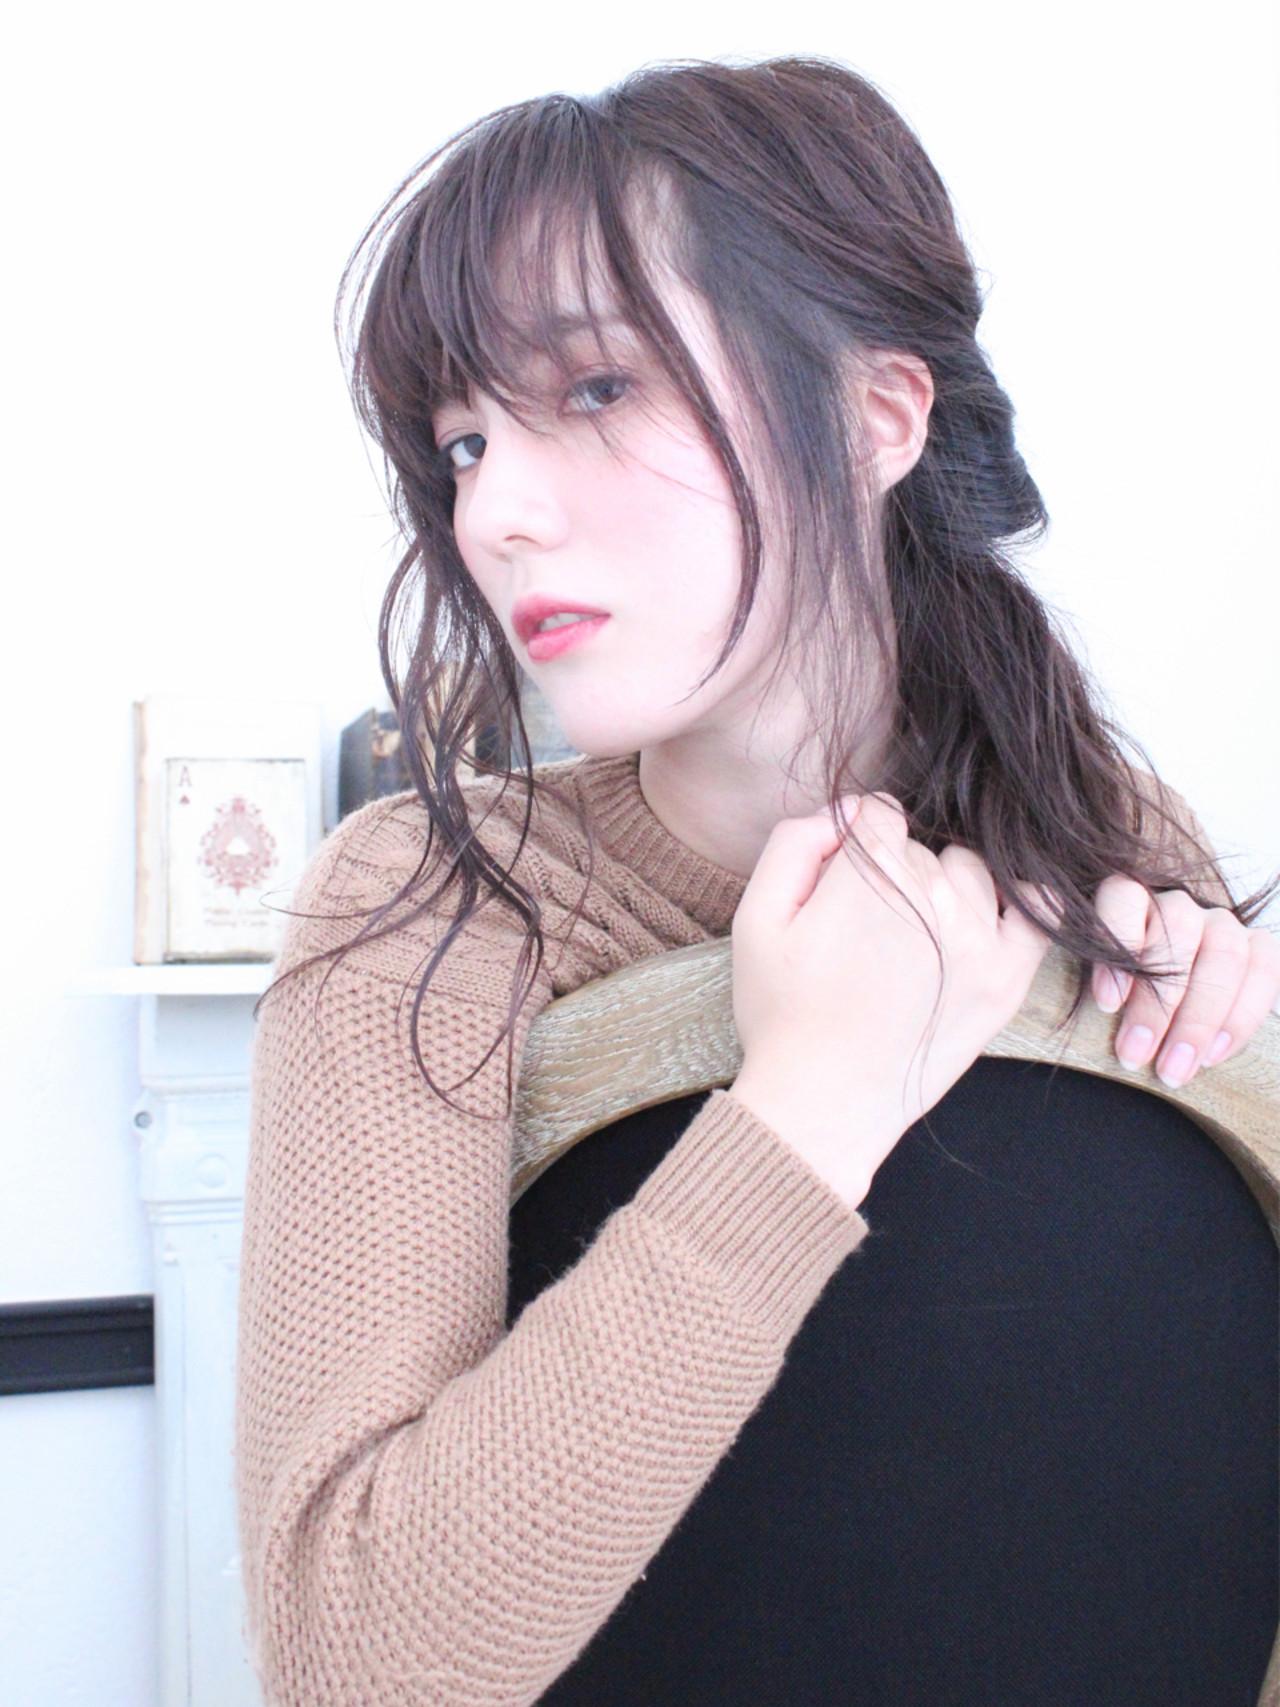 簡単ヘアアレンジ ショート ハーフアップ 冬 ヘアスタイルや髪型の写真・画像 | 上田智久 / ooit 福岡 天神 / ooit